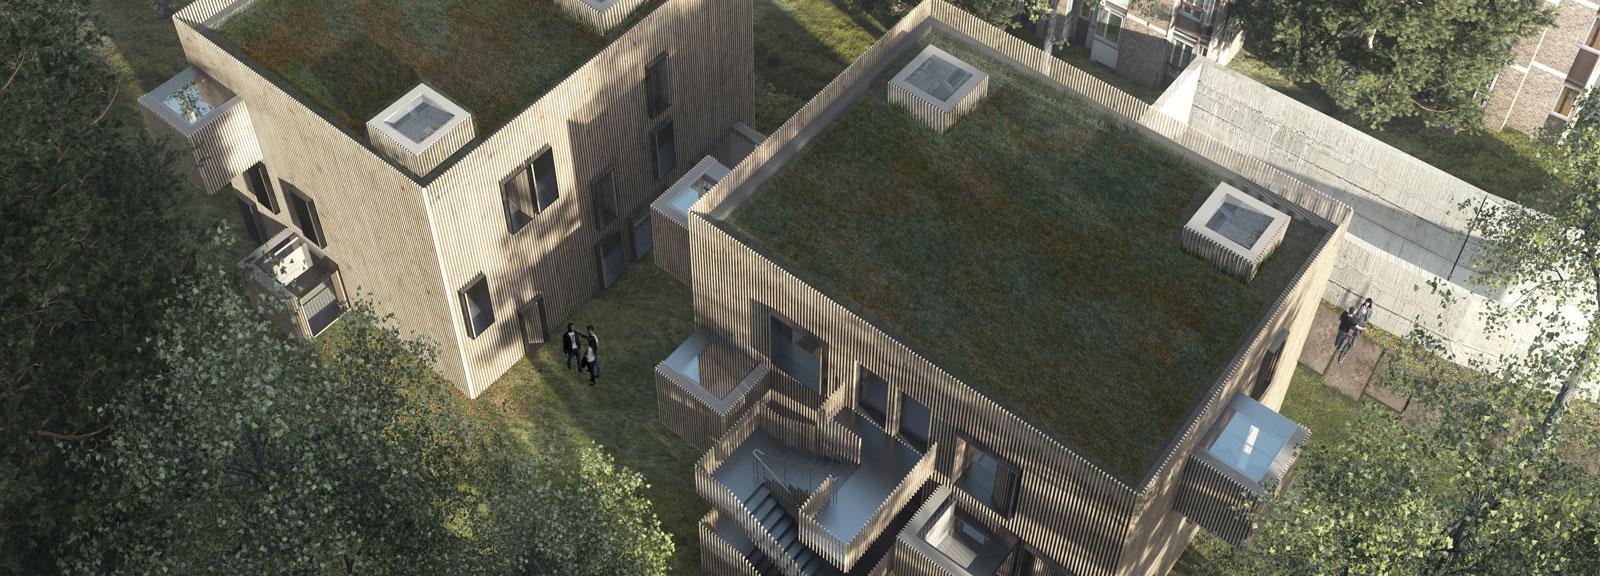 14 logements : densification